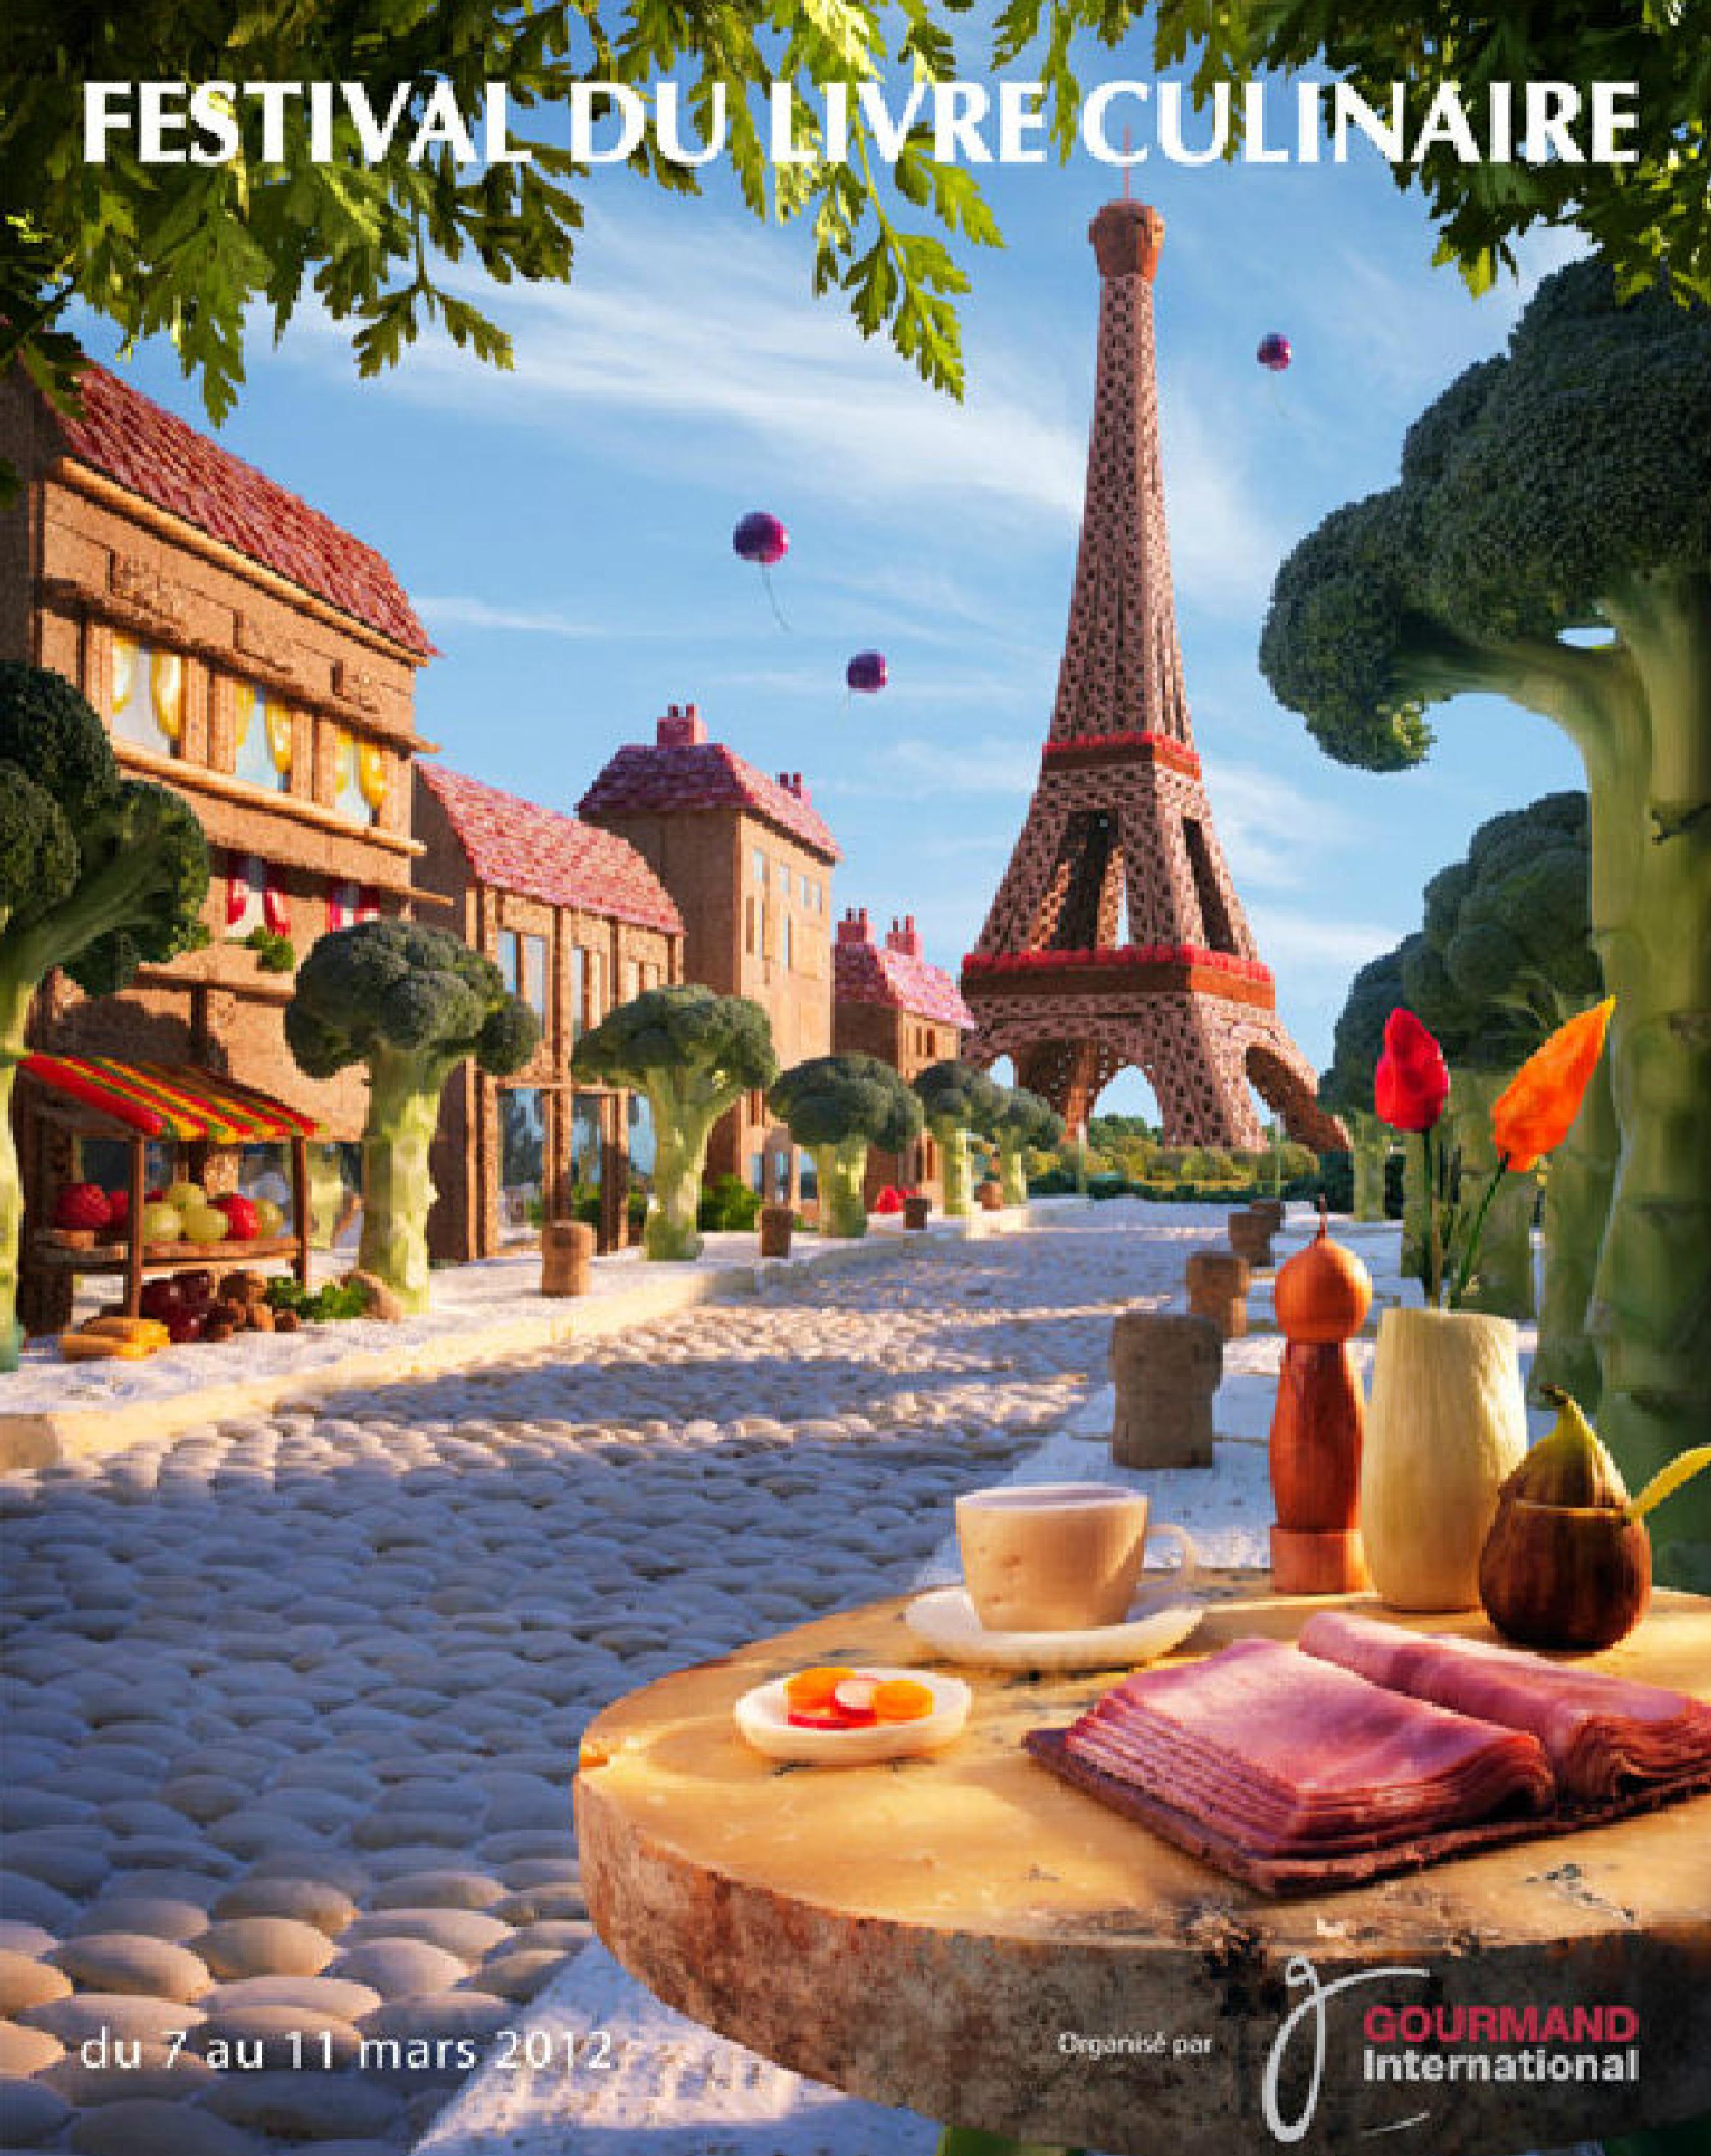 Culpada, Confesso - Carl Warner - Food Landscapes - Feira do Livro Culinário em Paris